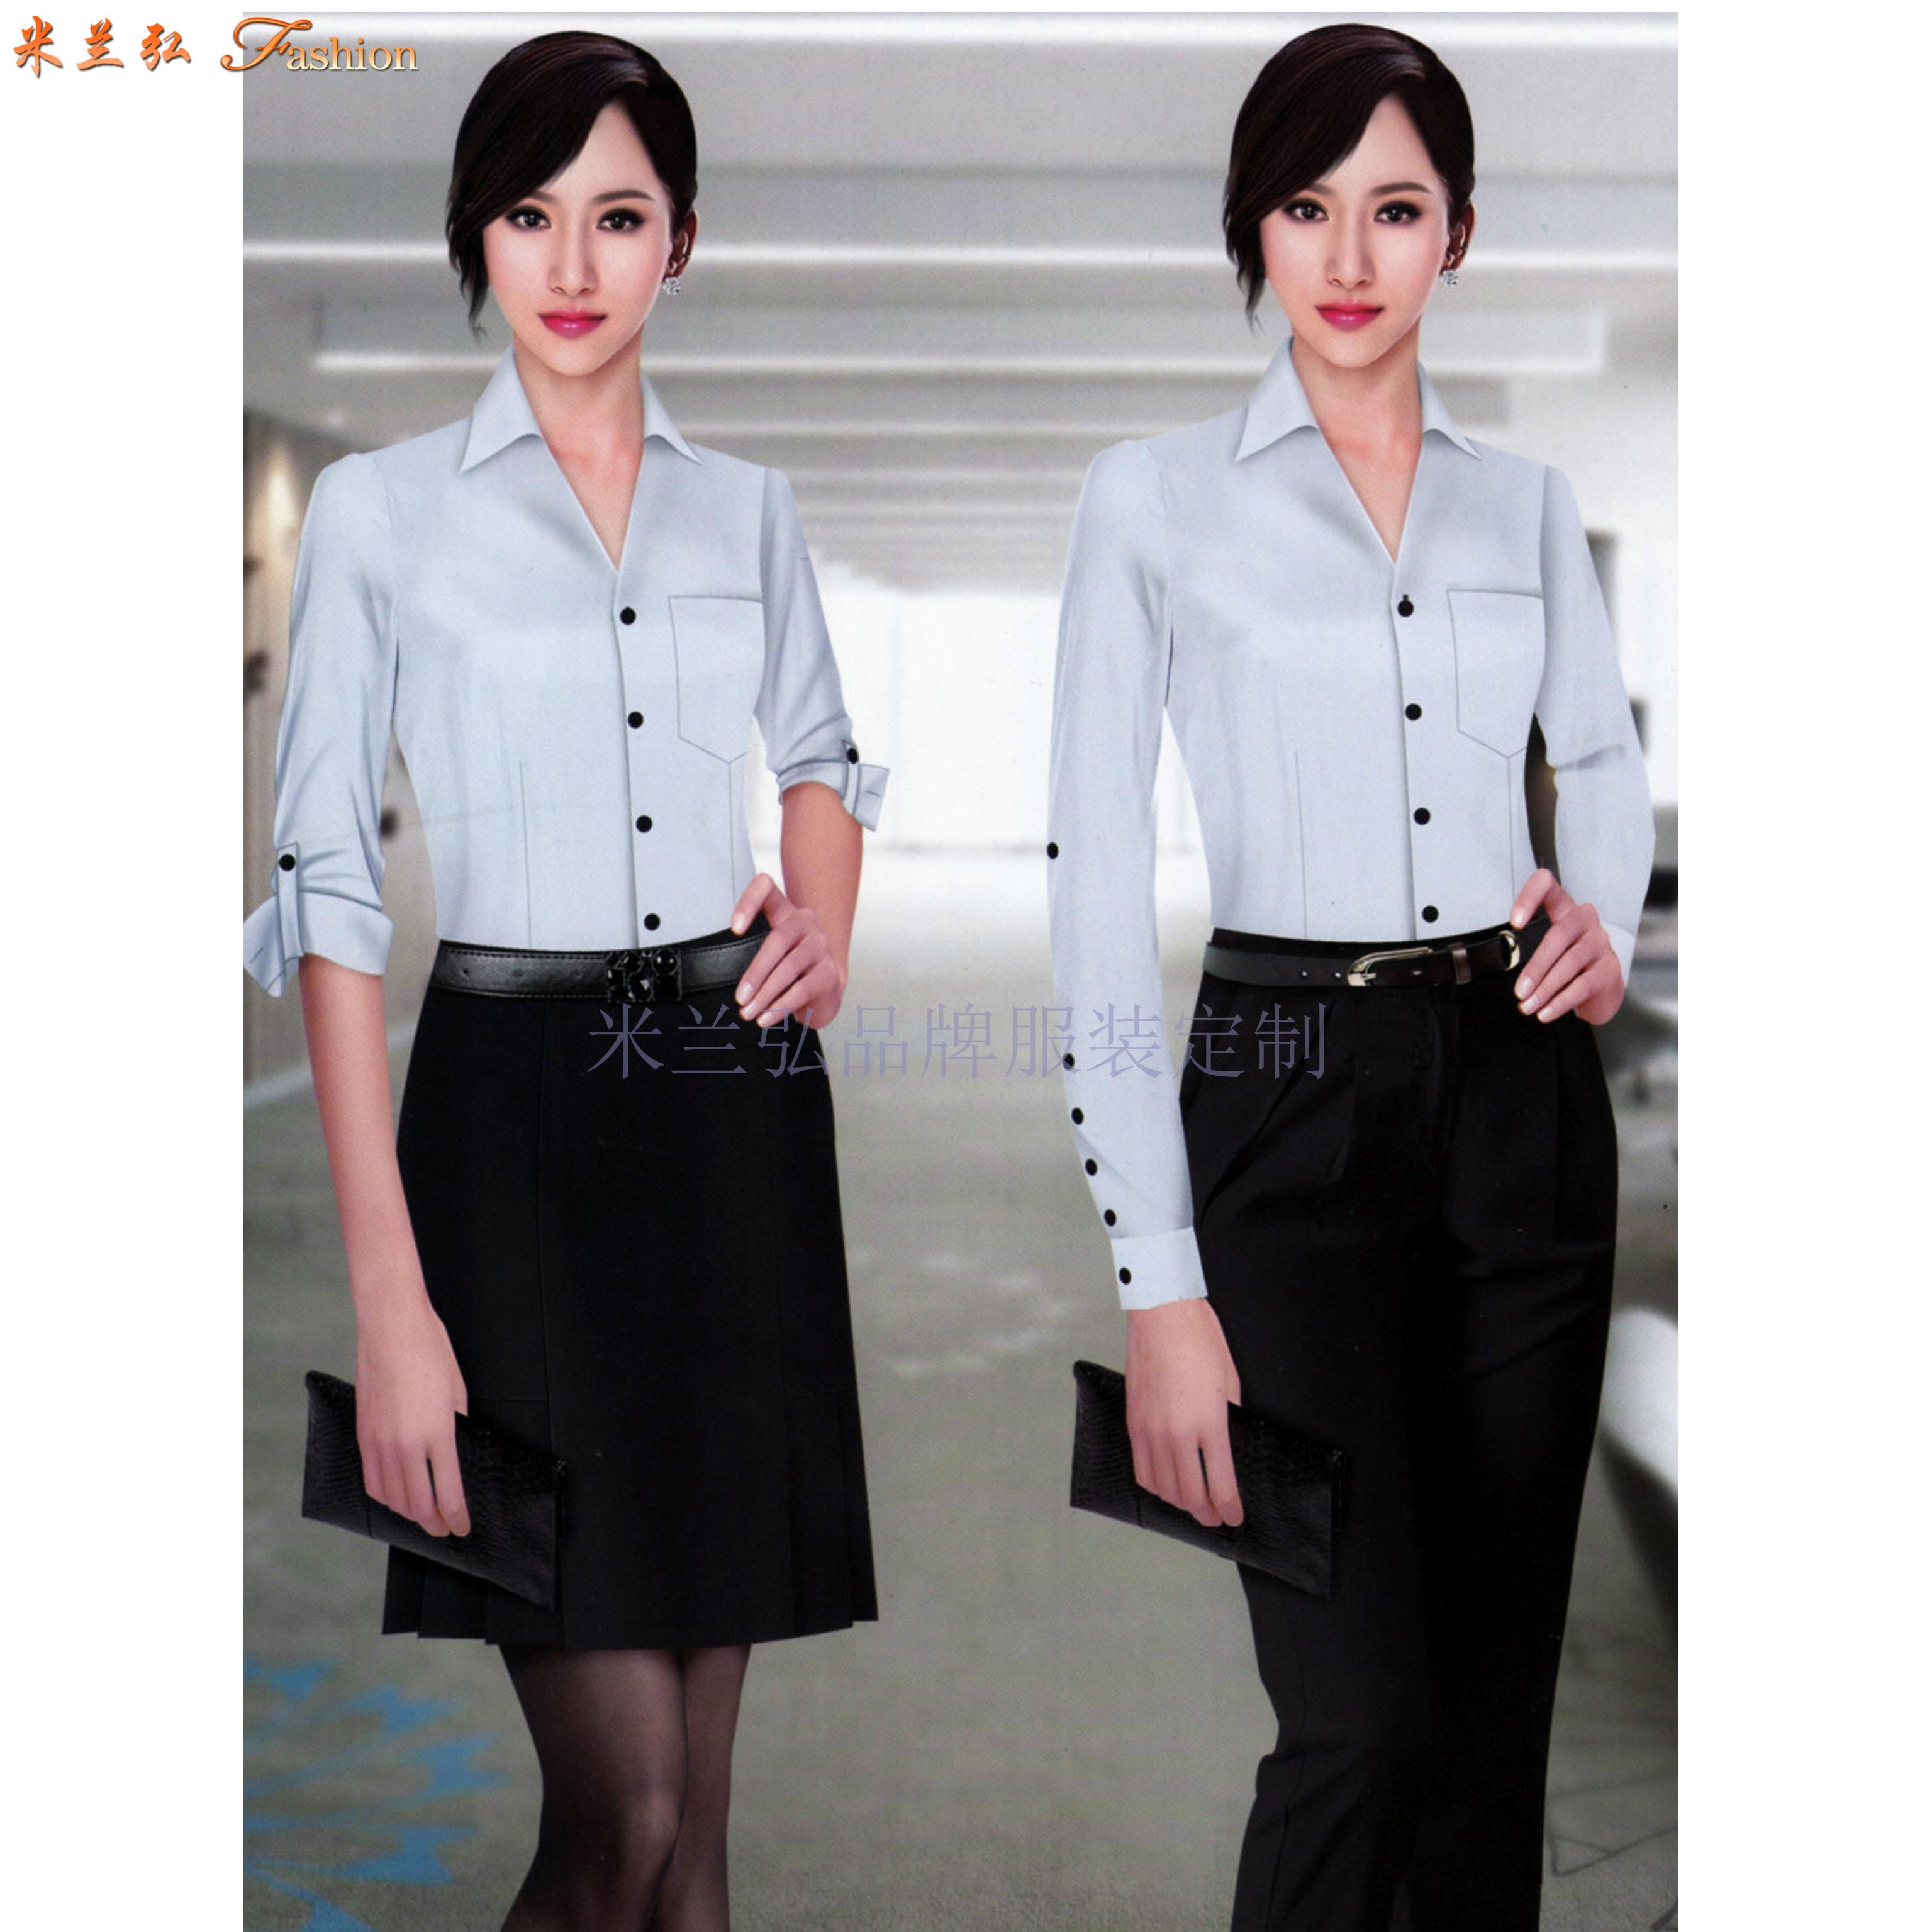 「北京女式襯衫定制」「北京女士襯衫訂做」-米蘭弘服裝-5